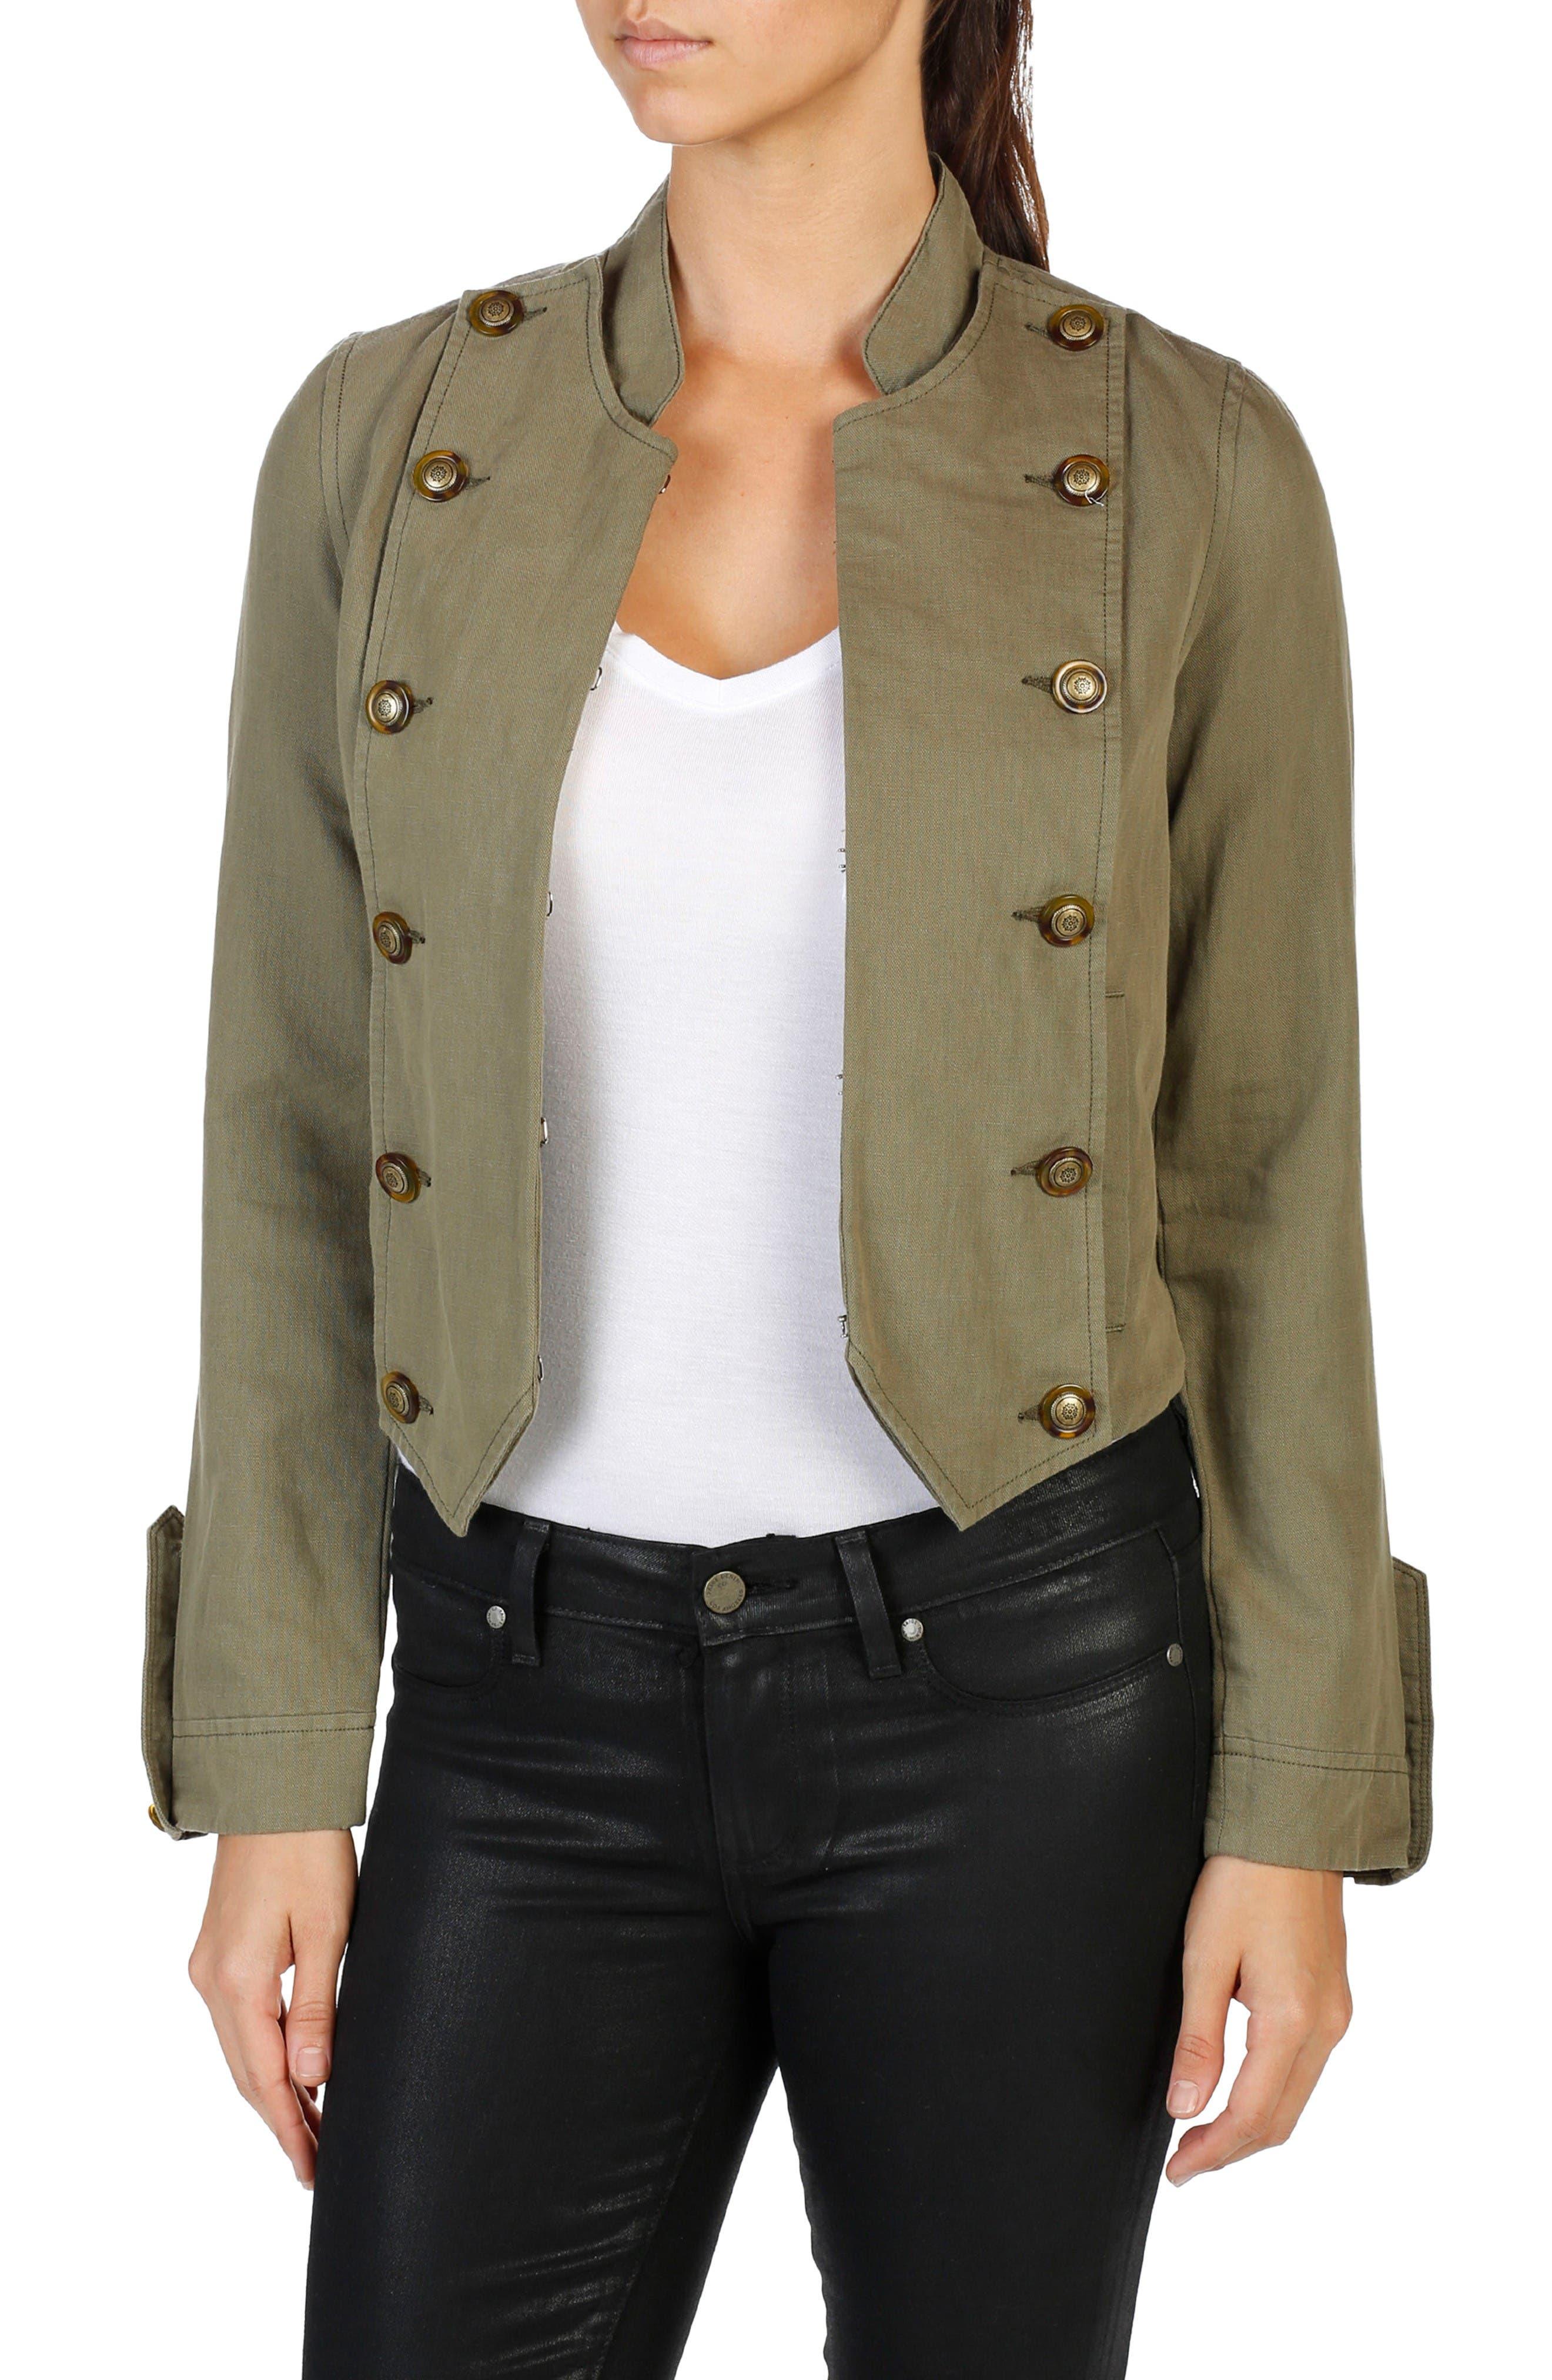 Alternate Image 1 Selected - PAIGE Ashley Military Jacket